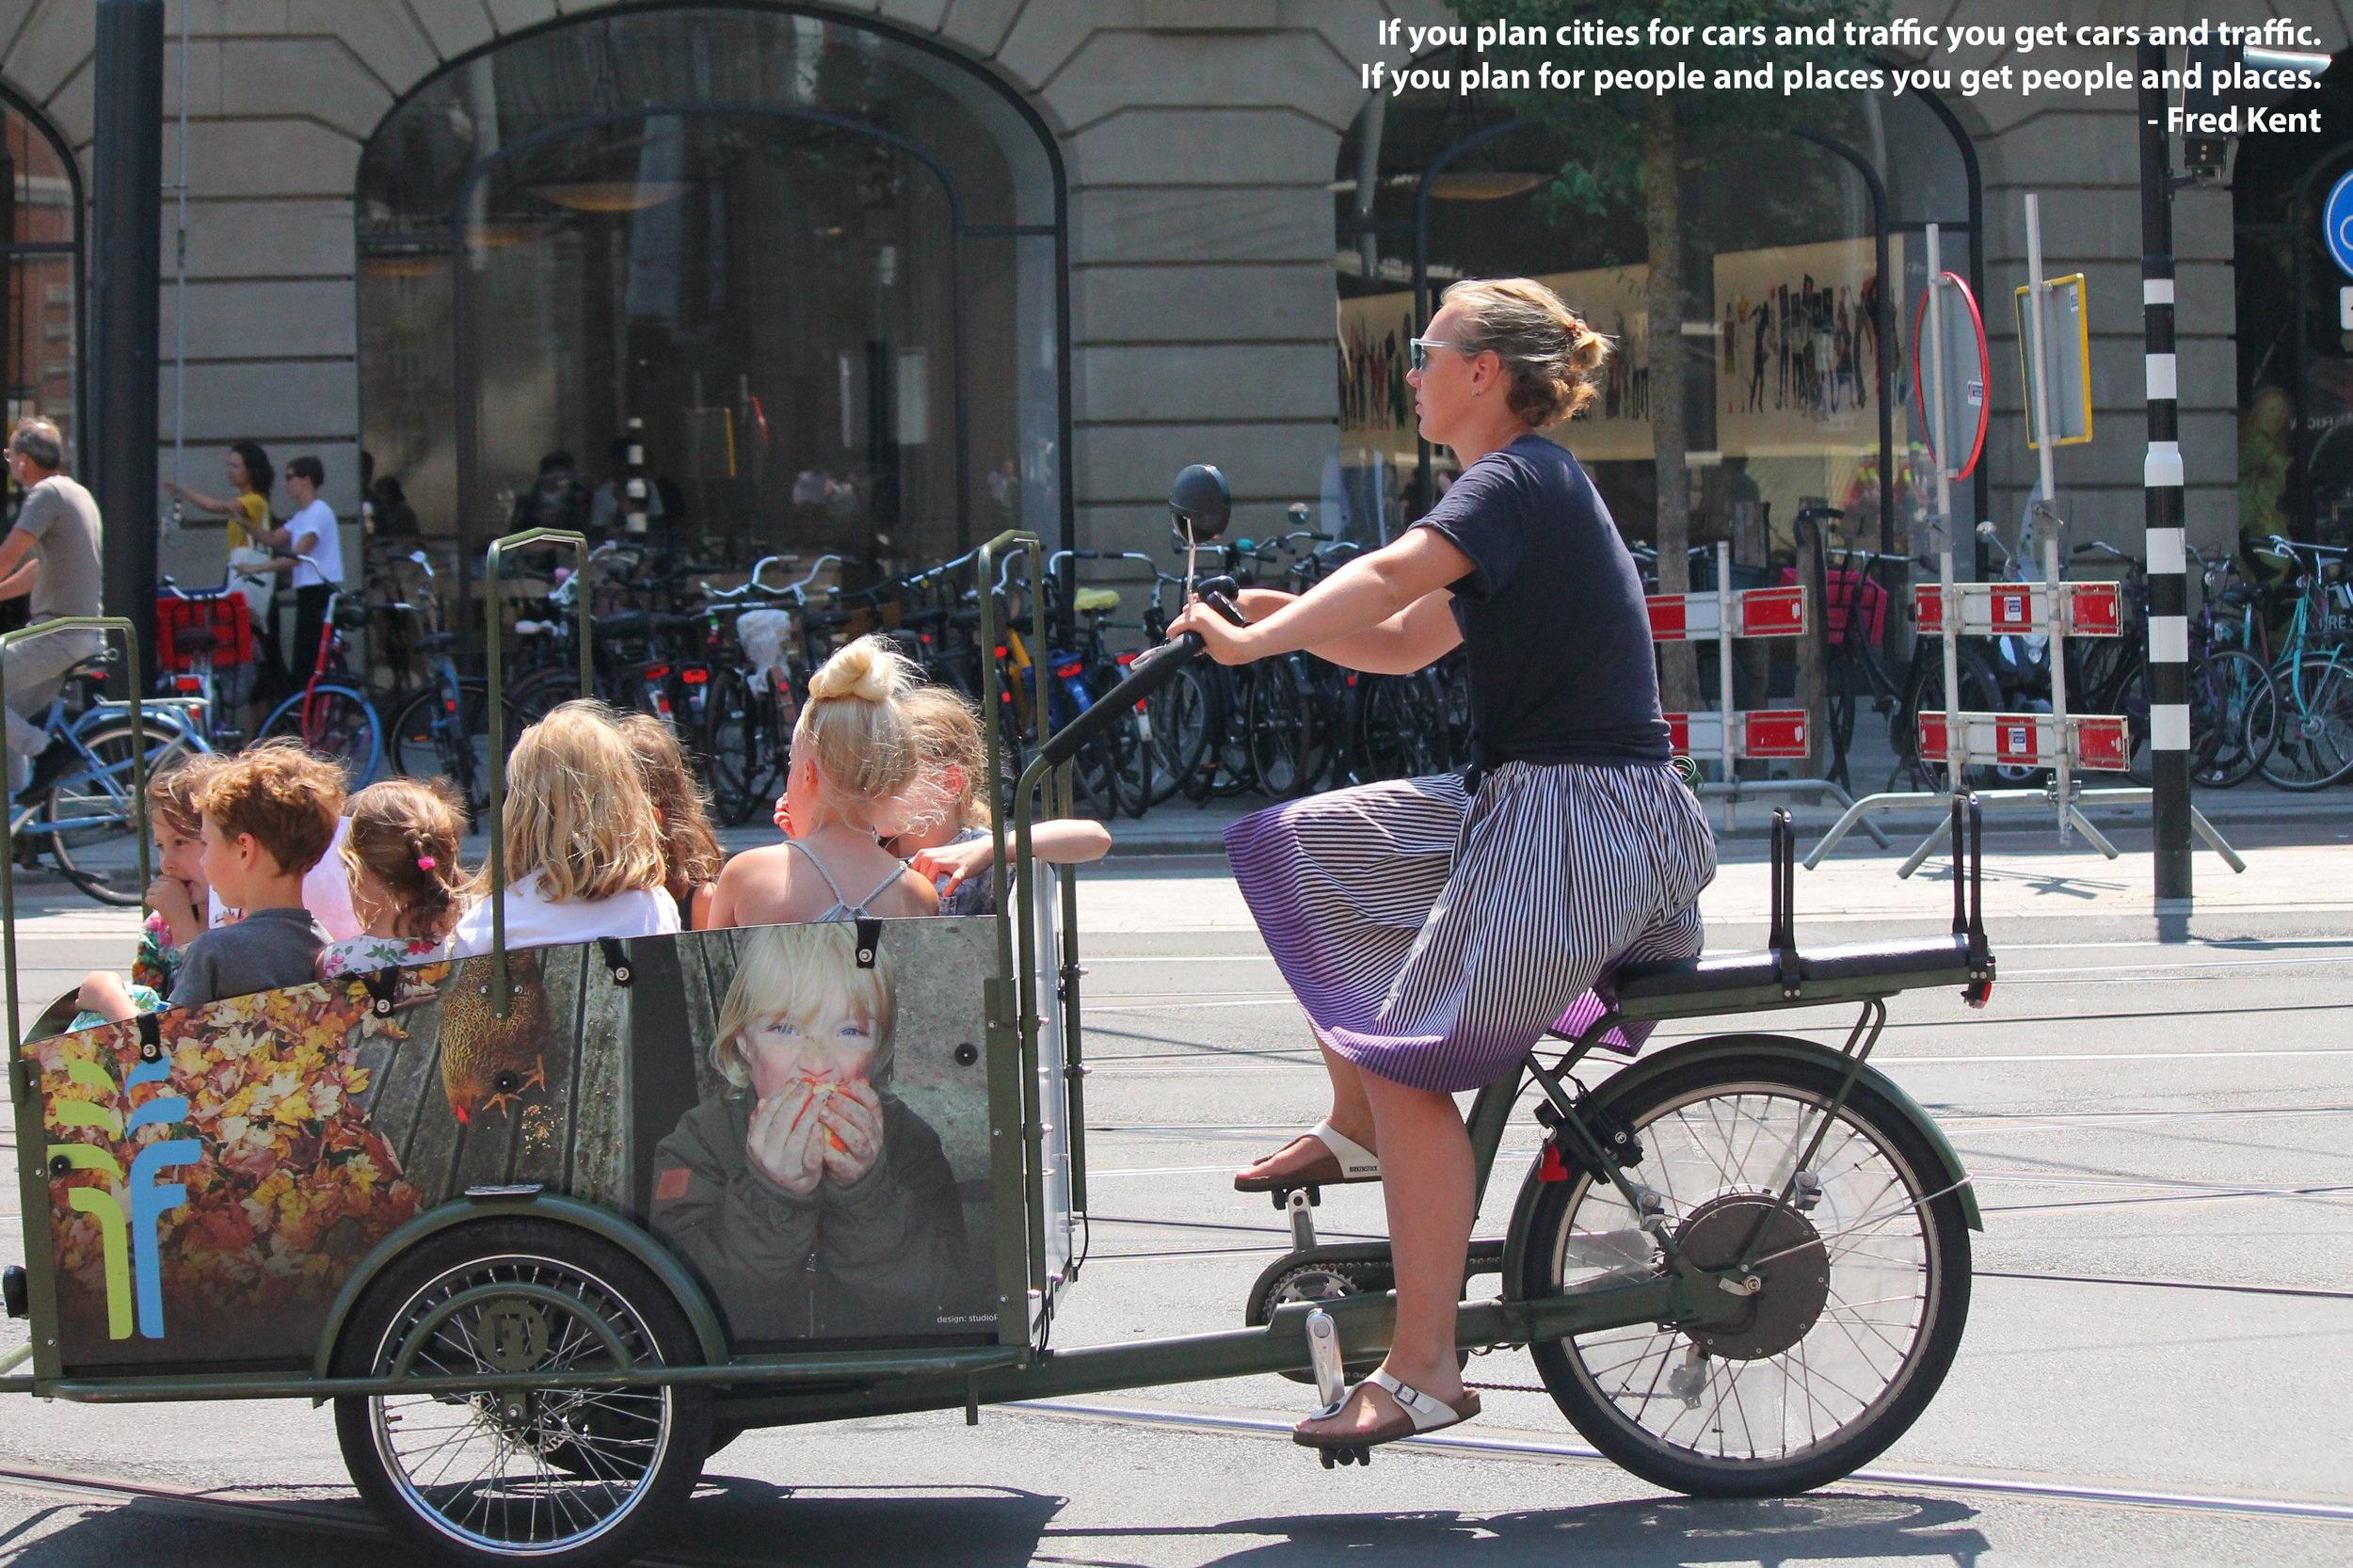 Placemaking_bikes_placemakingplus.jpg